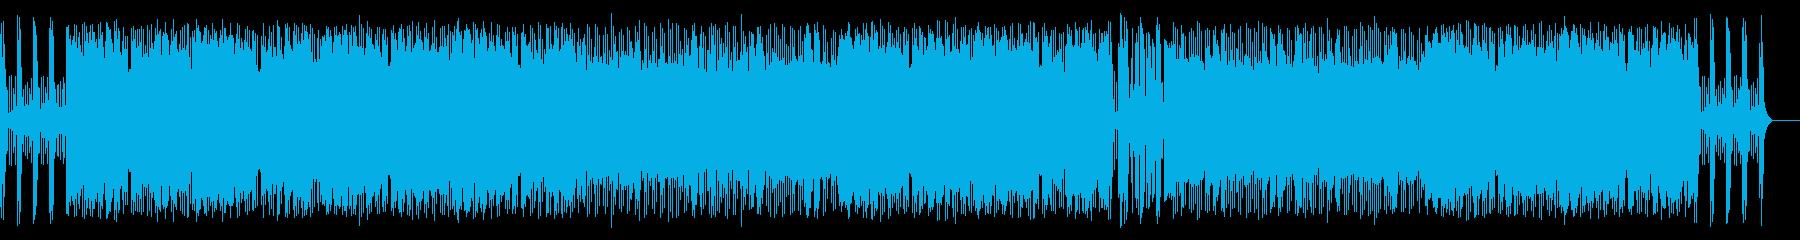 パワフルで疾走感のある尺八ロックの再生済みの波形